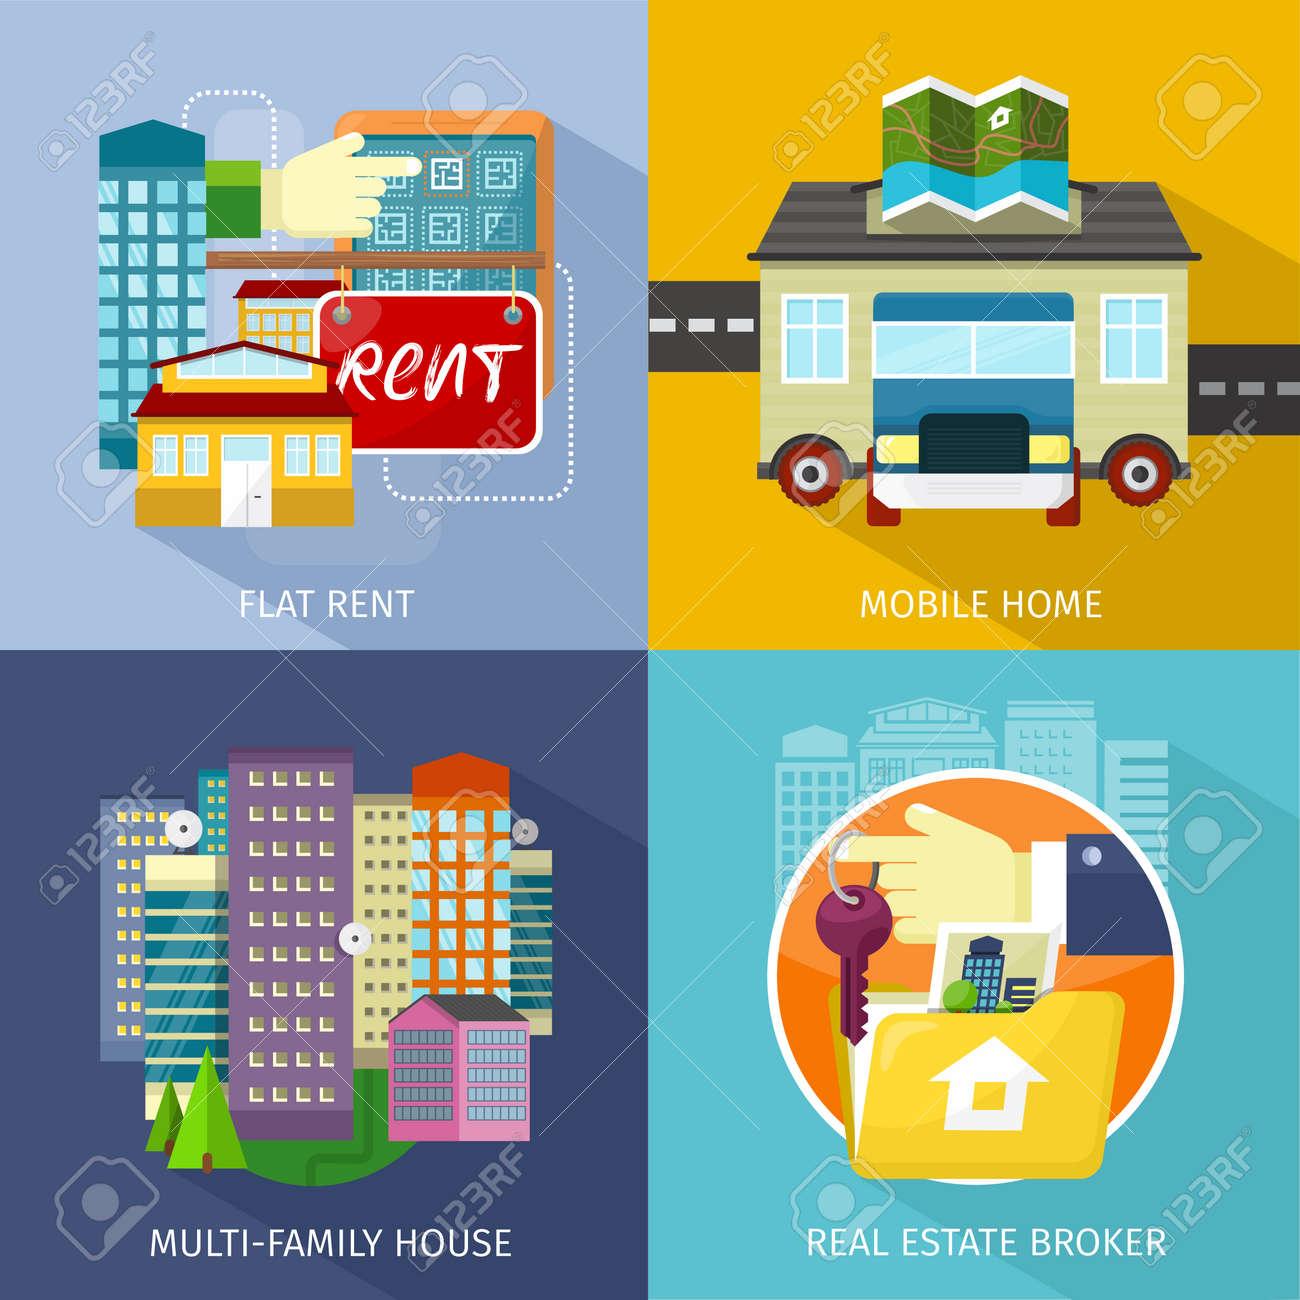 Multi Family House Mobile Home Flat Rent Rental Estate Broker